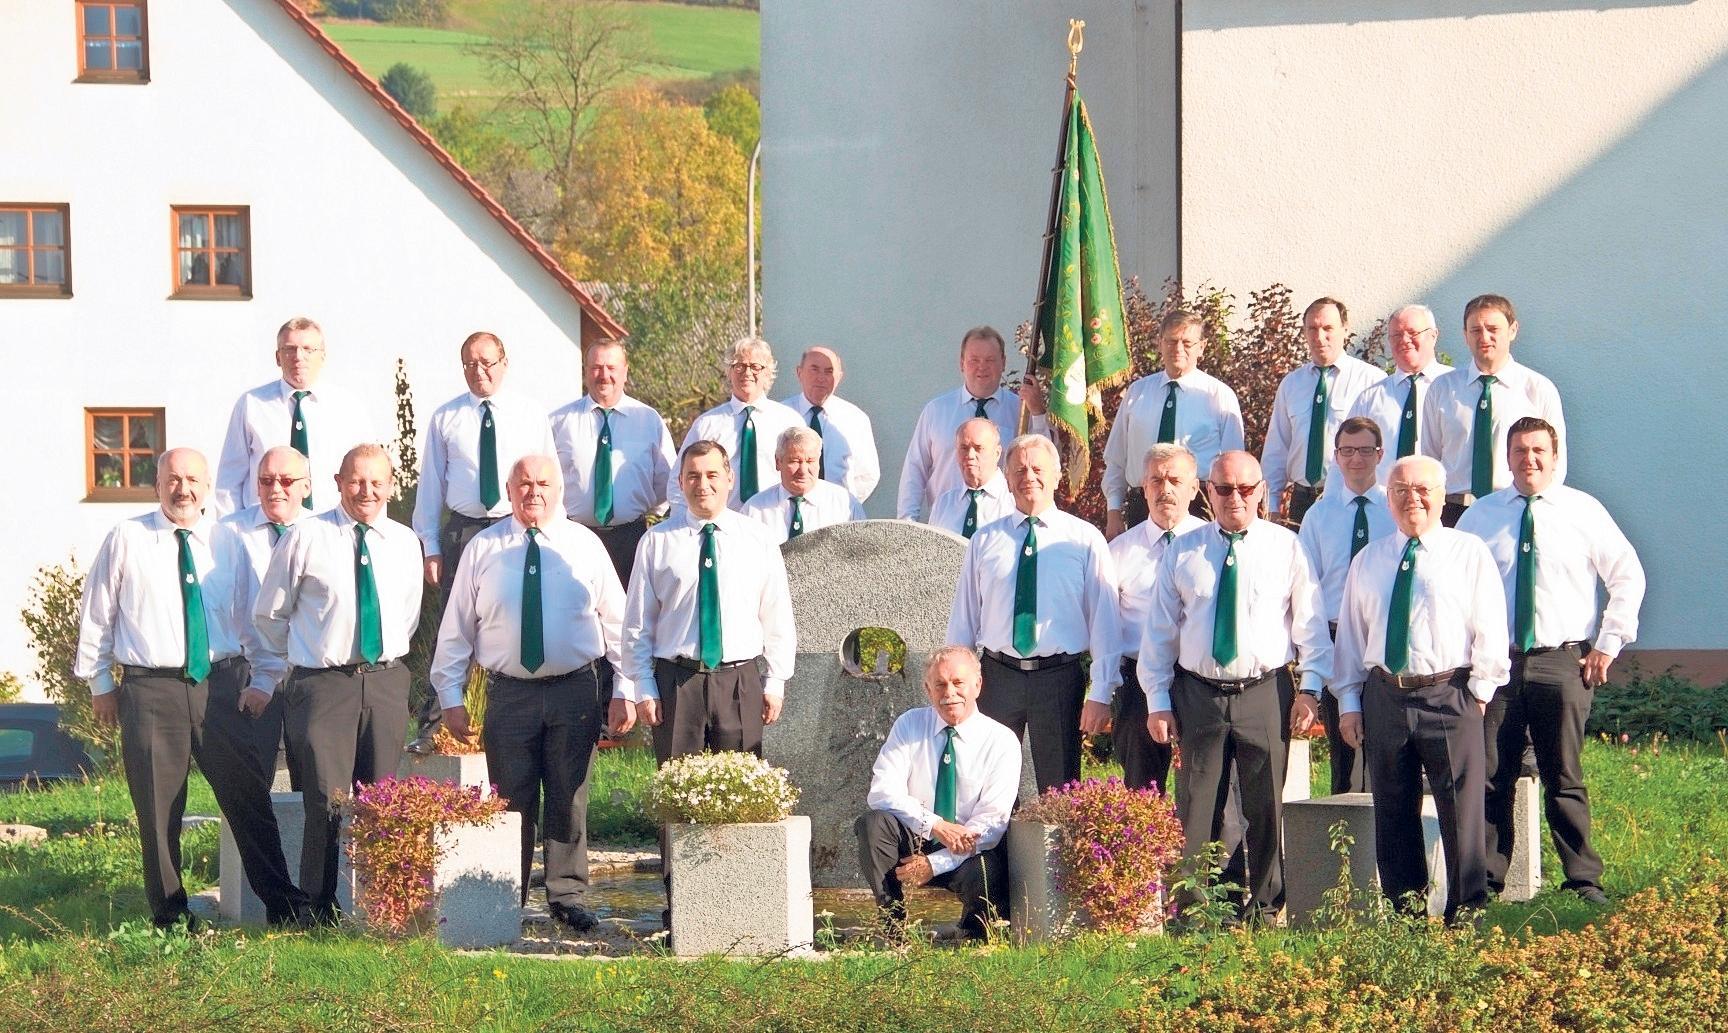 Der Männergesangverein Cäcilia Körzendorf ist heuer Ausrichter der Zeltkerwa. Foto: Dieter Jenß